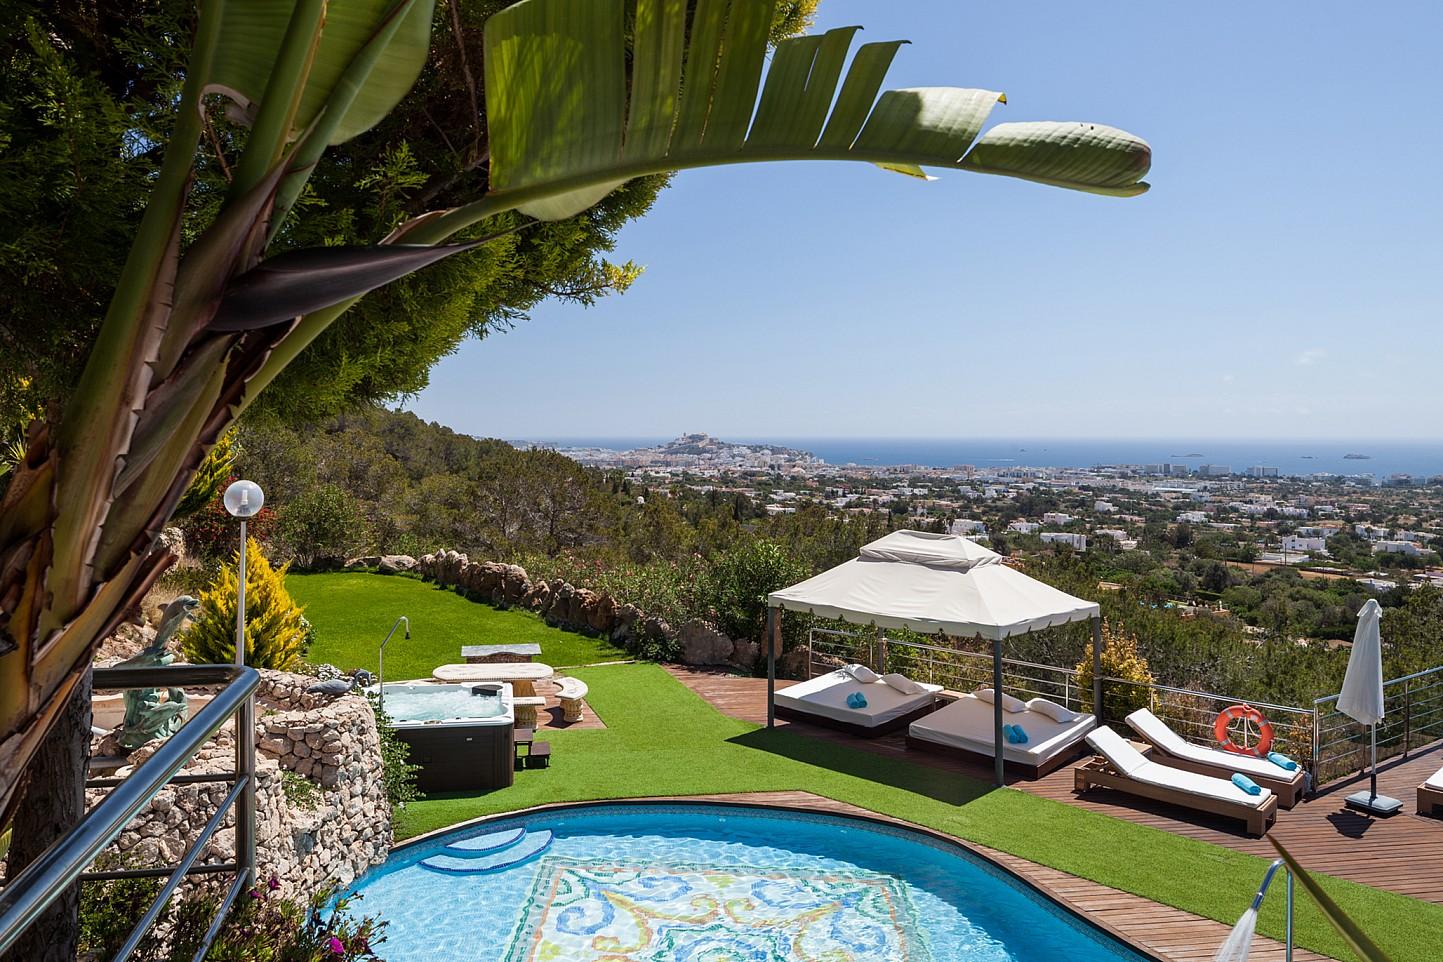 Vistes del jardí amb llits exteriors i unes vistes esplèndides al mar